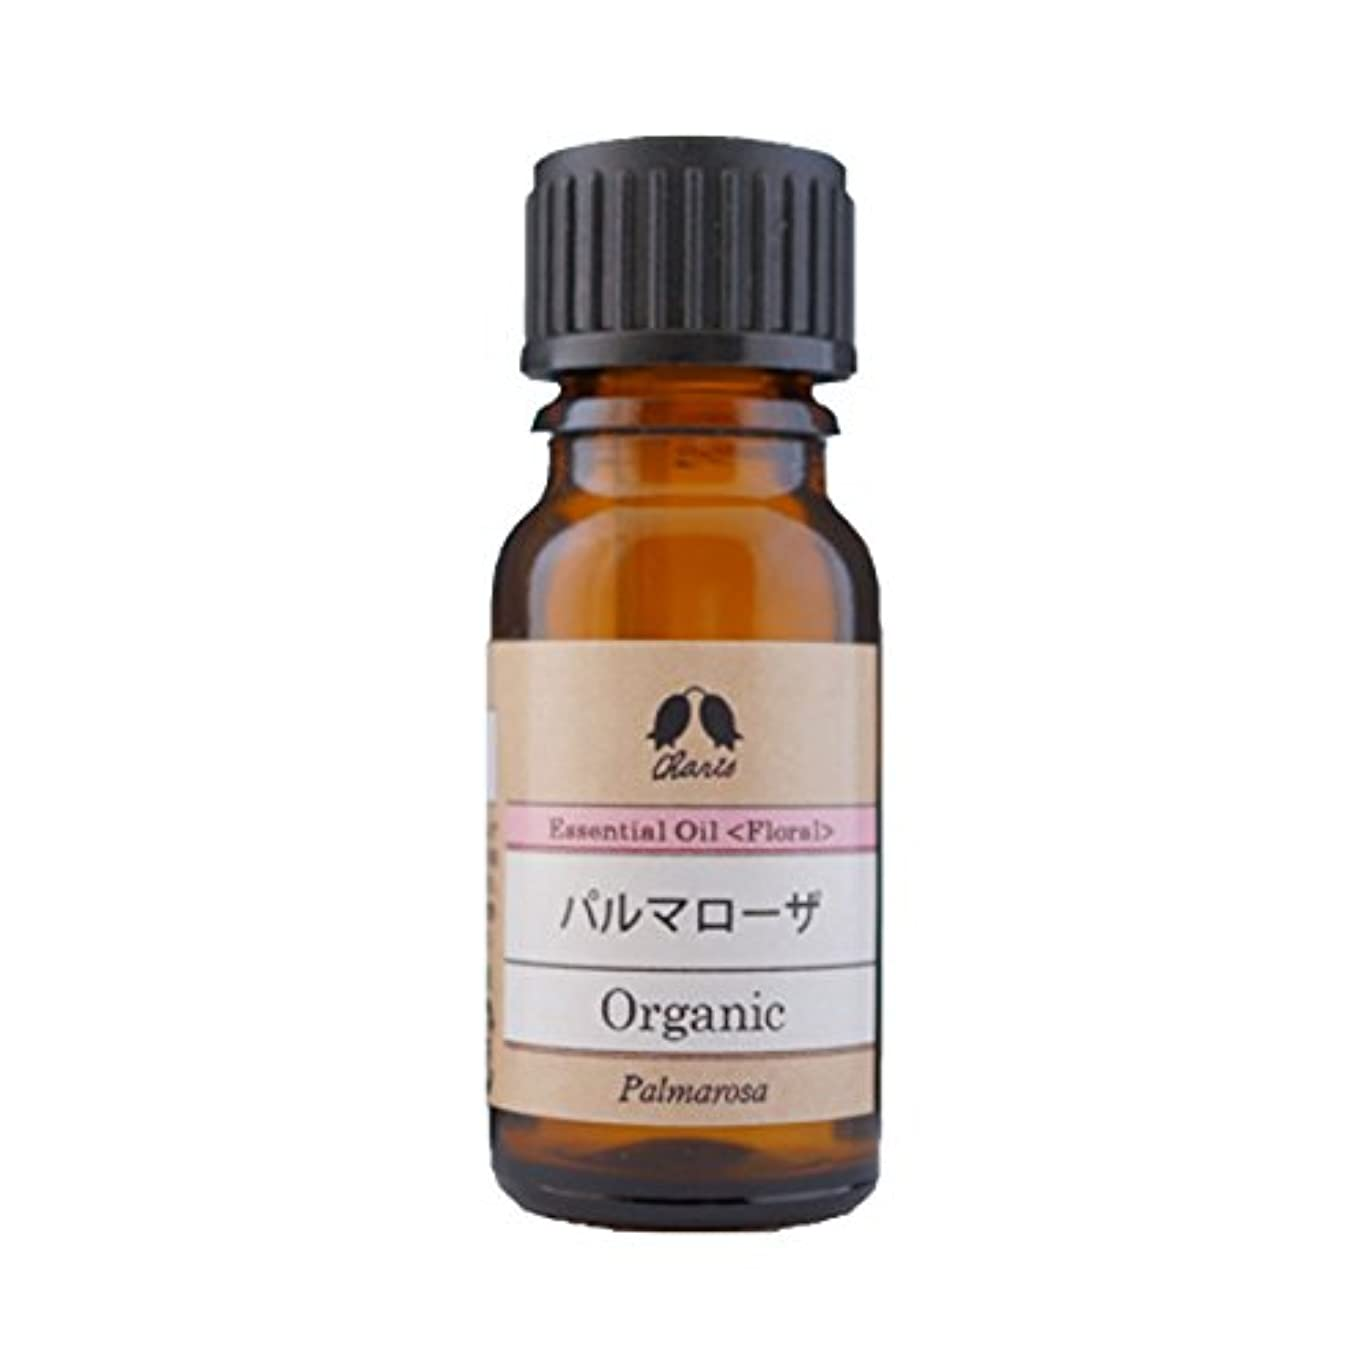 忌まわしい酸素ジョブカリス エッセンシャルオイル パルマローザ オーガニック オイル 10ml